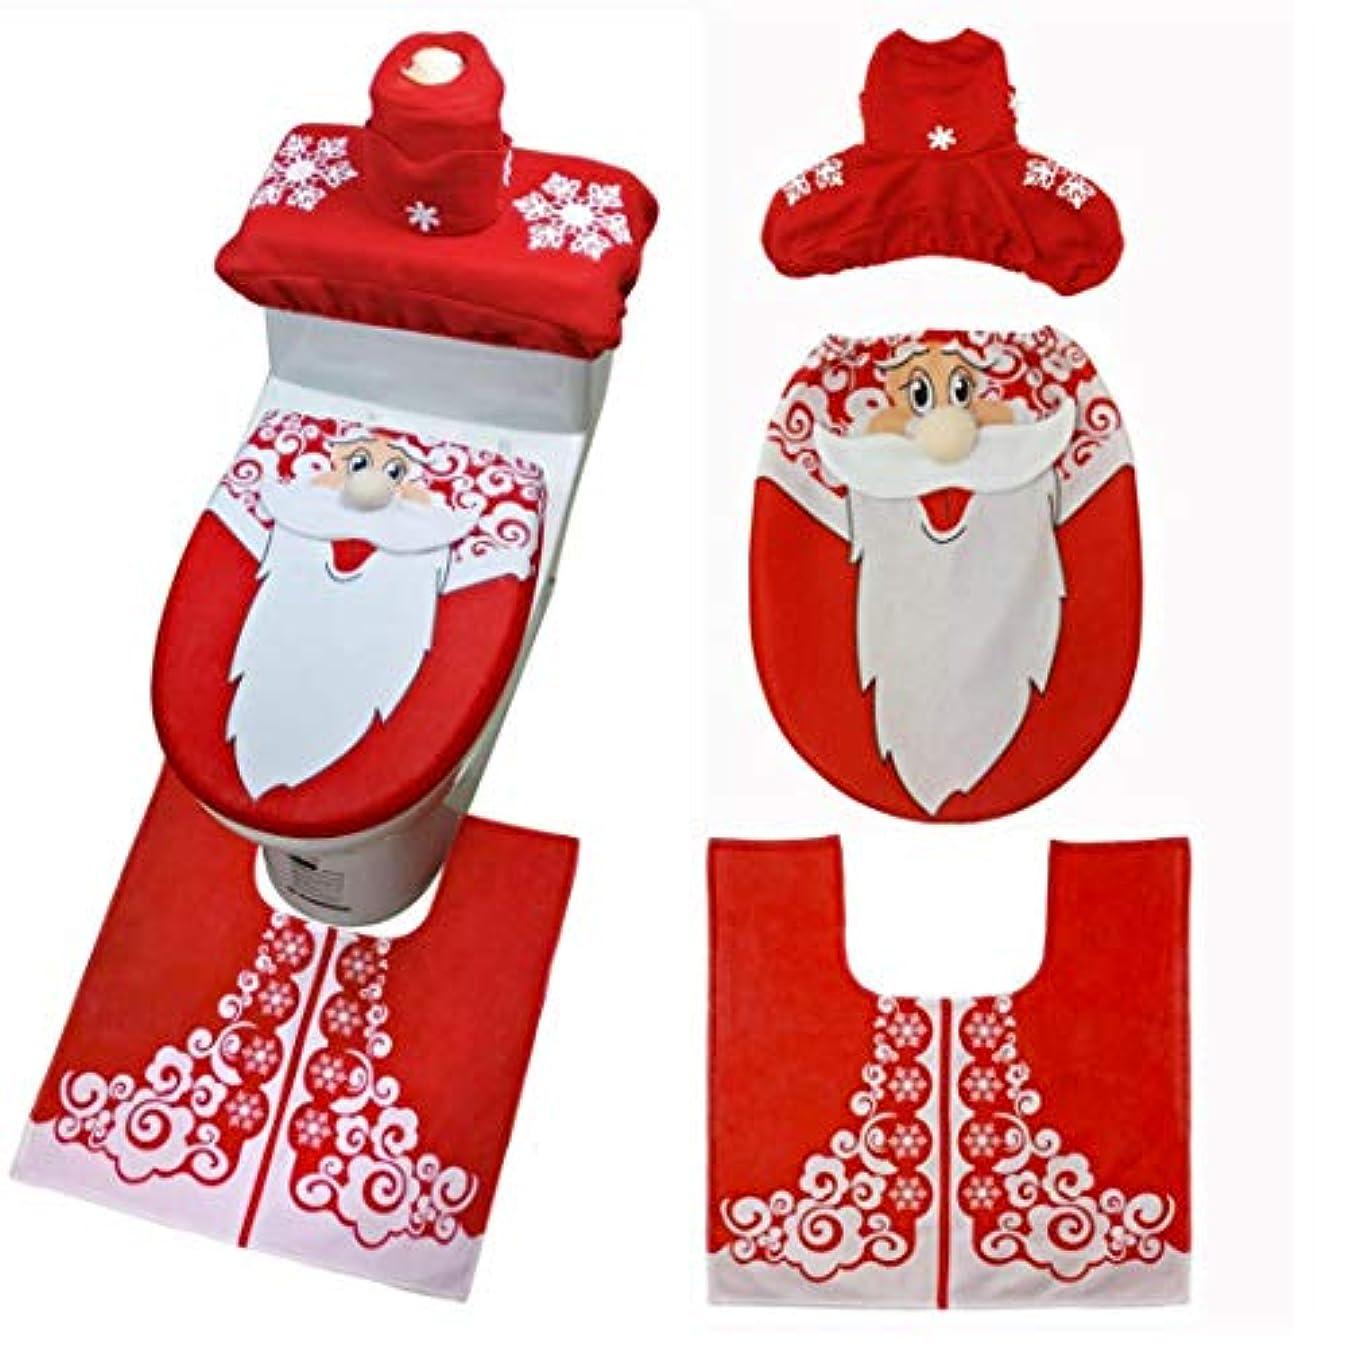 完了緊張する貫通するSwiftgood 3ピースクリスマストイレシート&カバーサンタクロースバスルームマットクリスマスかわいい装飾